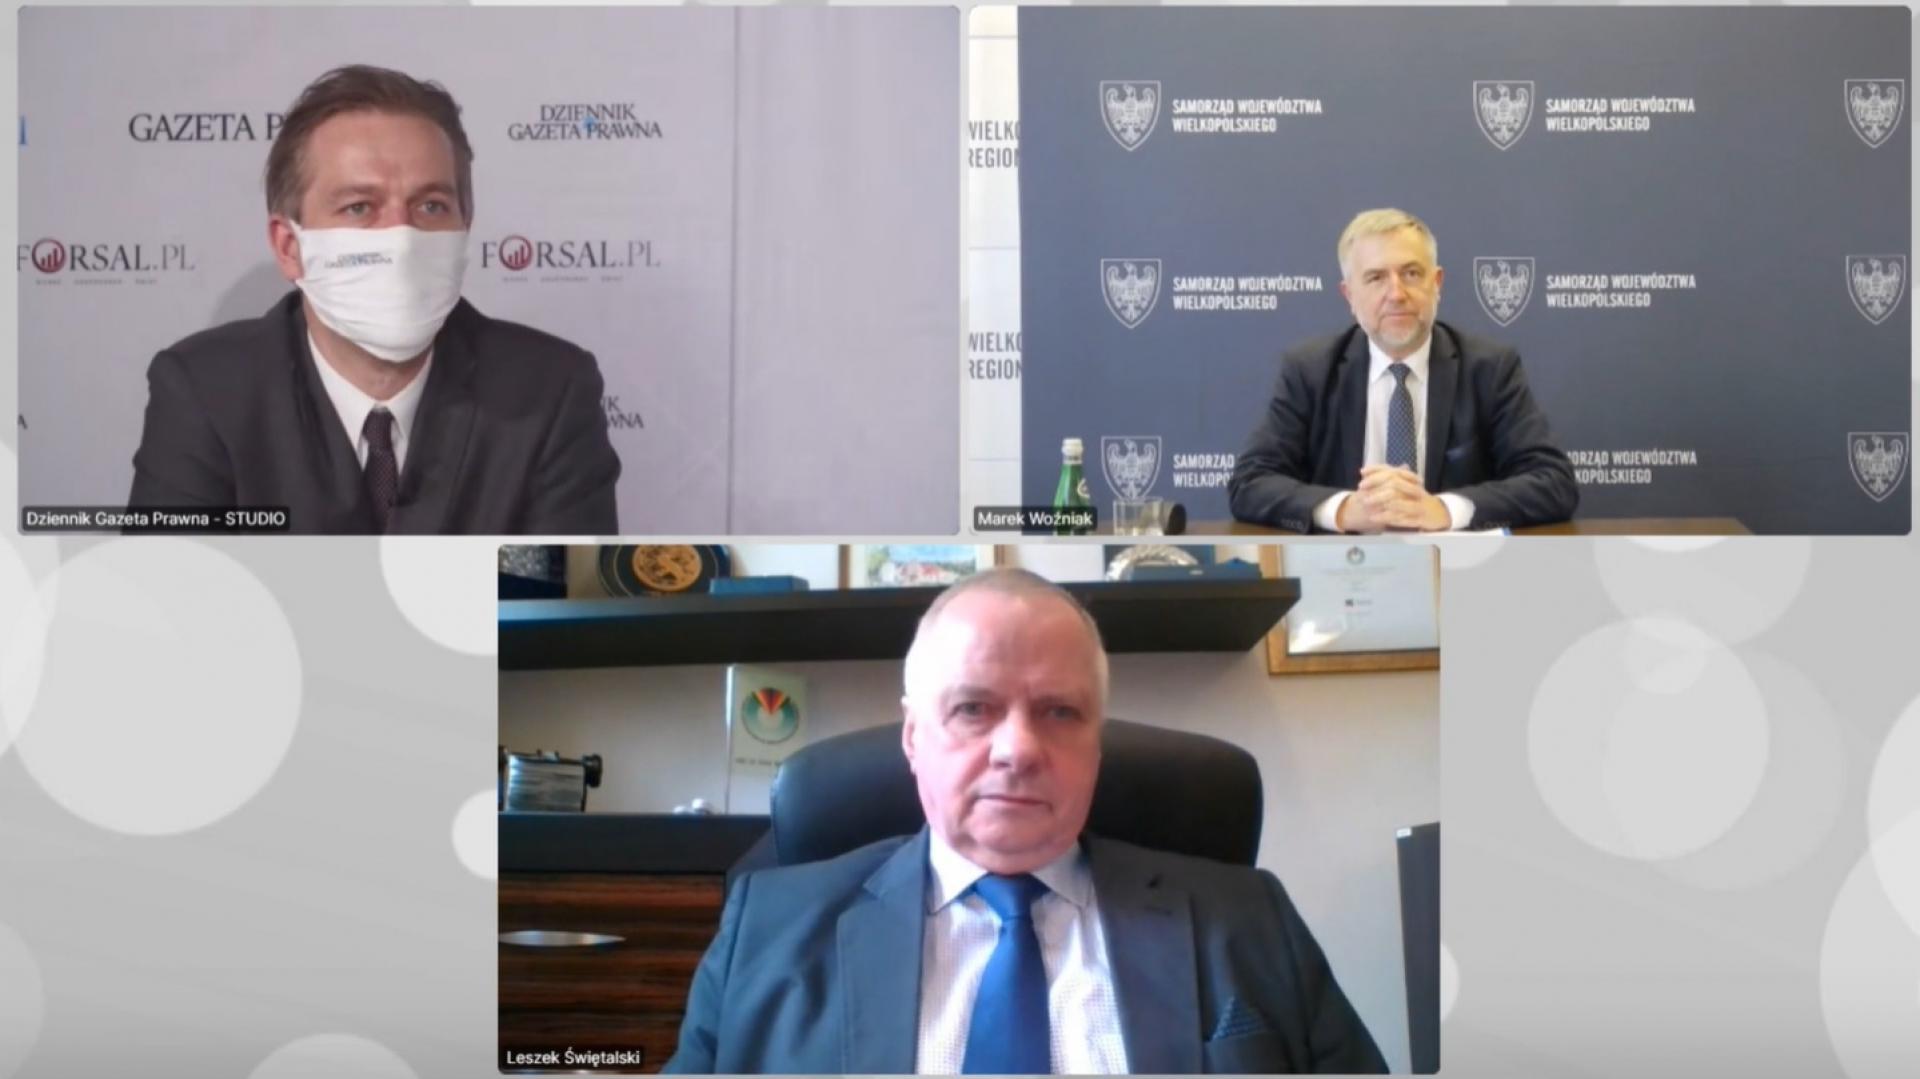 Marszałek Marek Woźniak: Ubóstwo energetyczne to wyzwanie systemowe - zobacz więcej